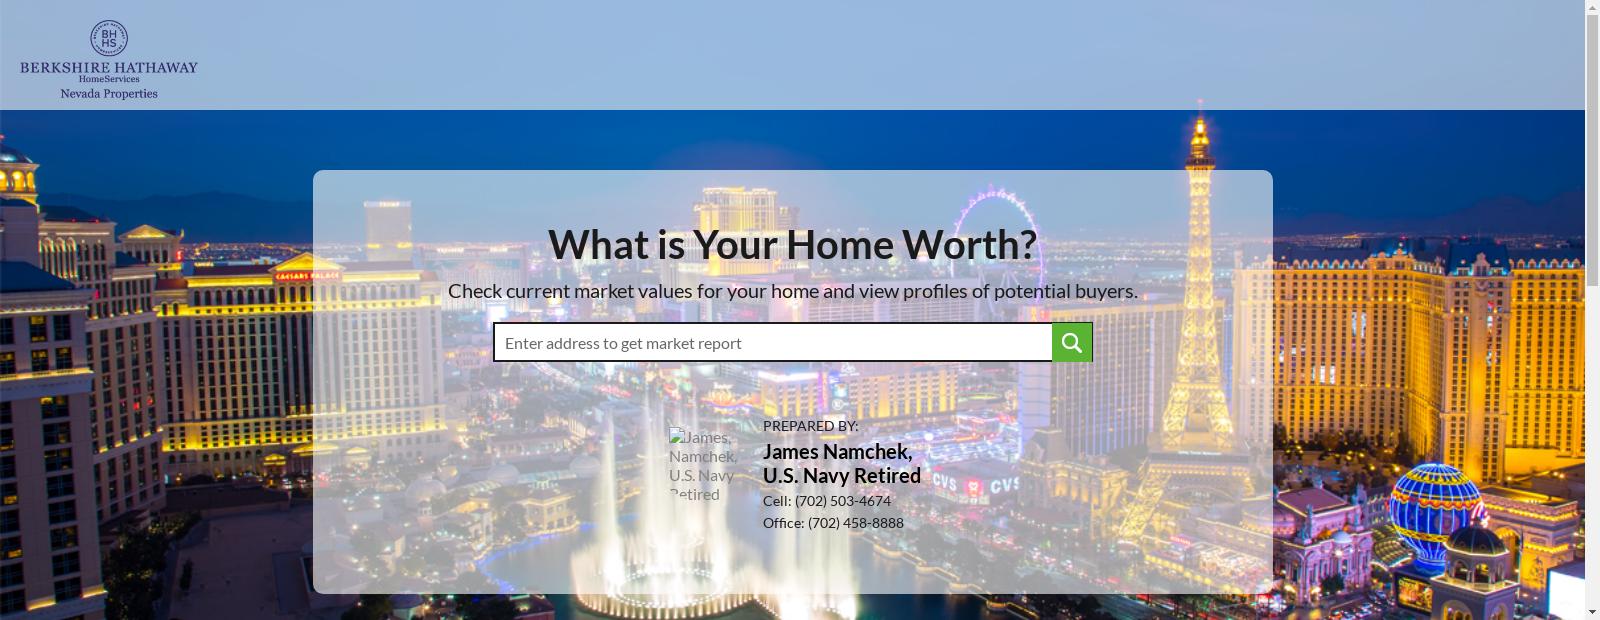 Home Value Estimator By James Namchek U S Navy Retired Nevada